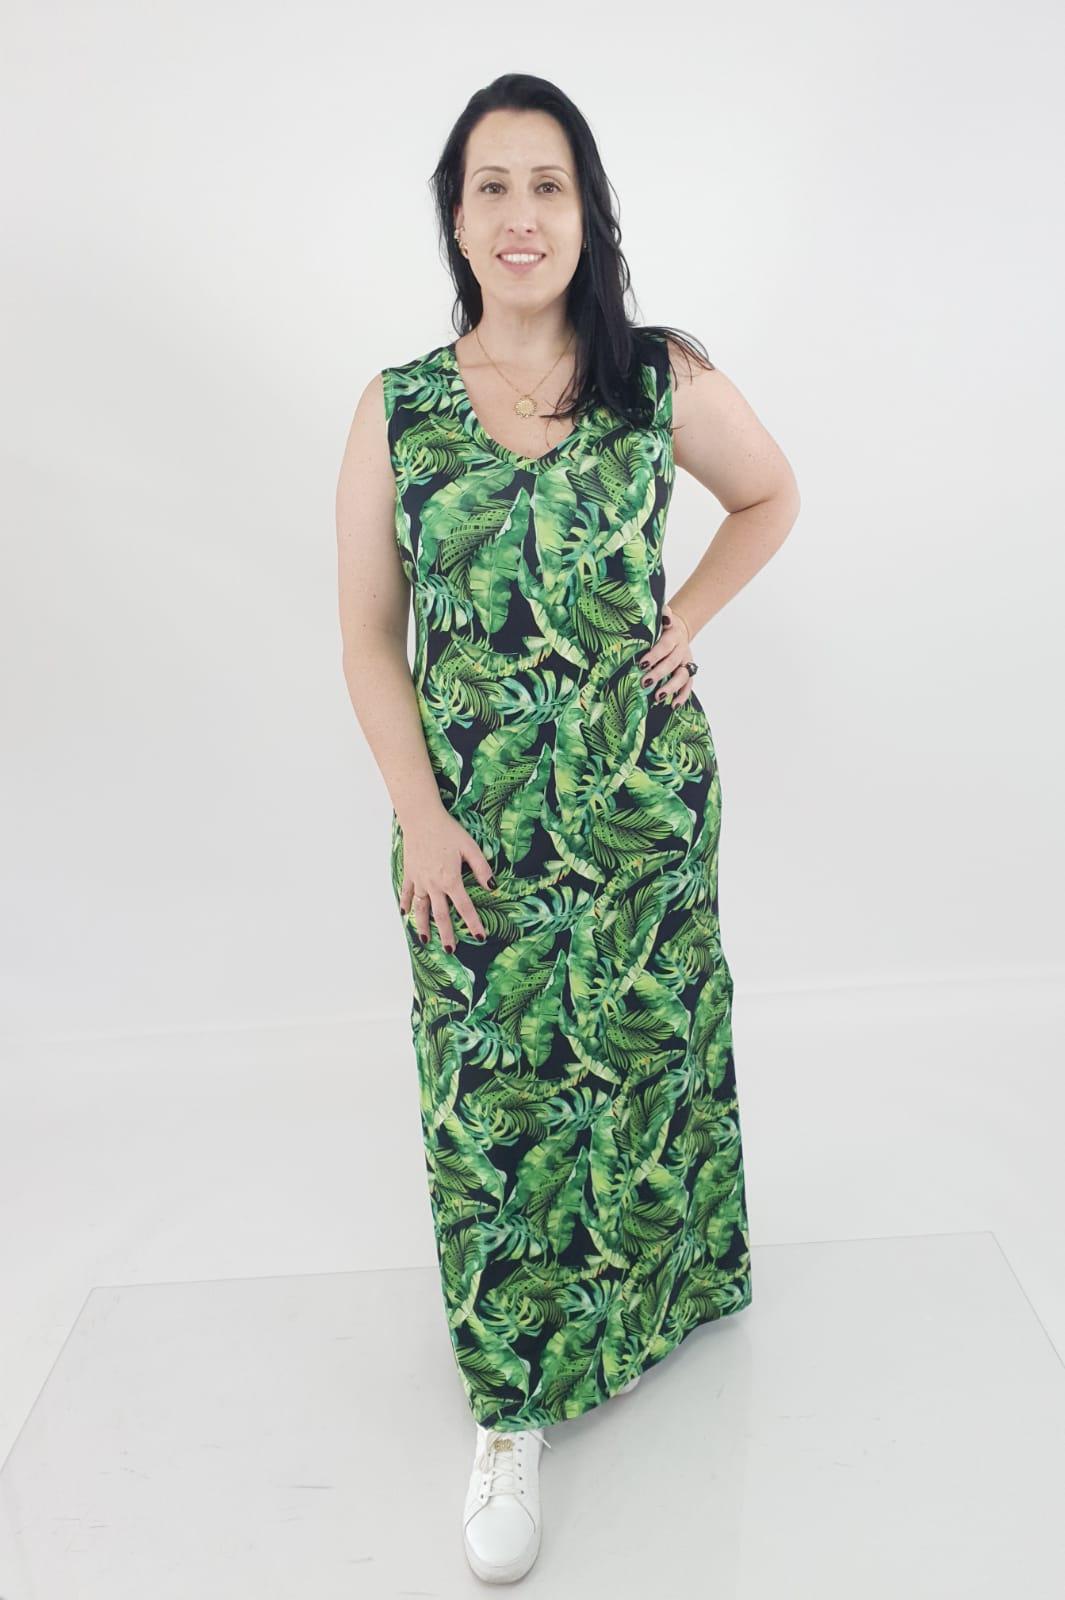 Vestido Lilian Regata Viscolycra Estampado